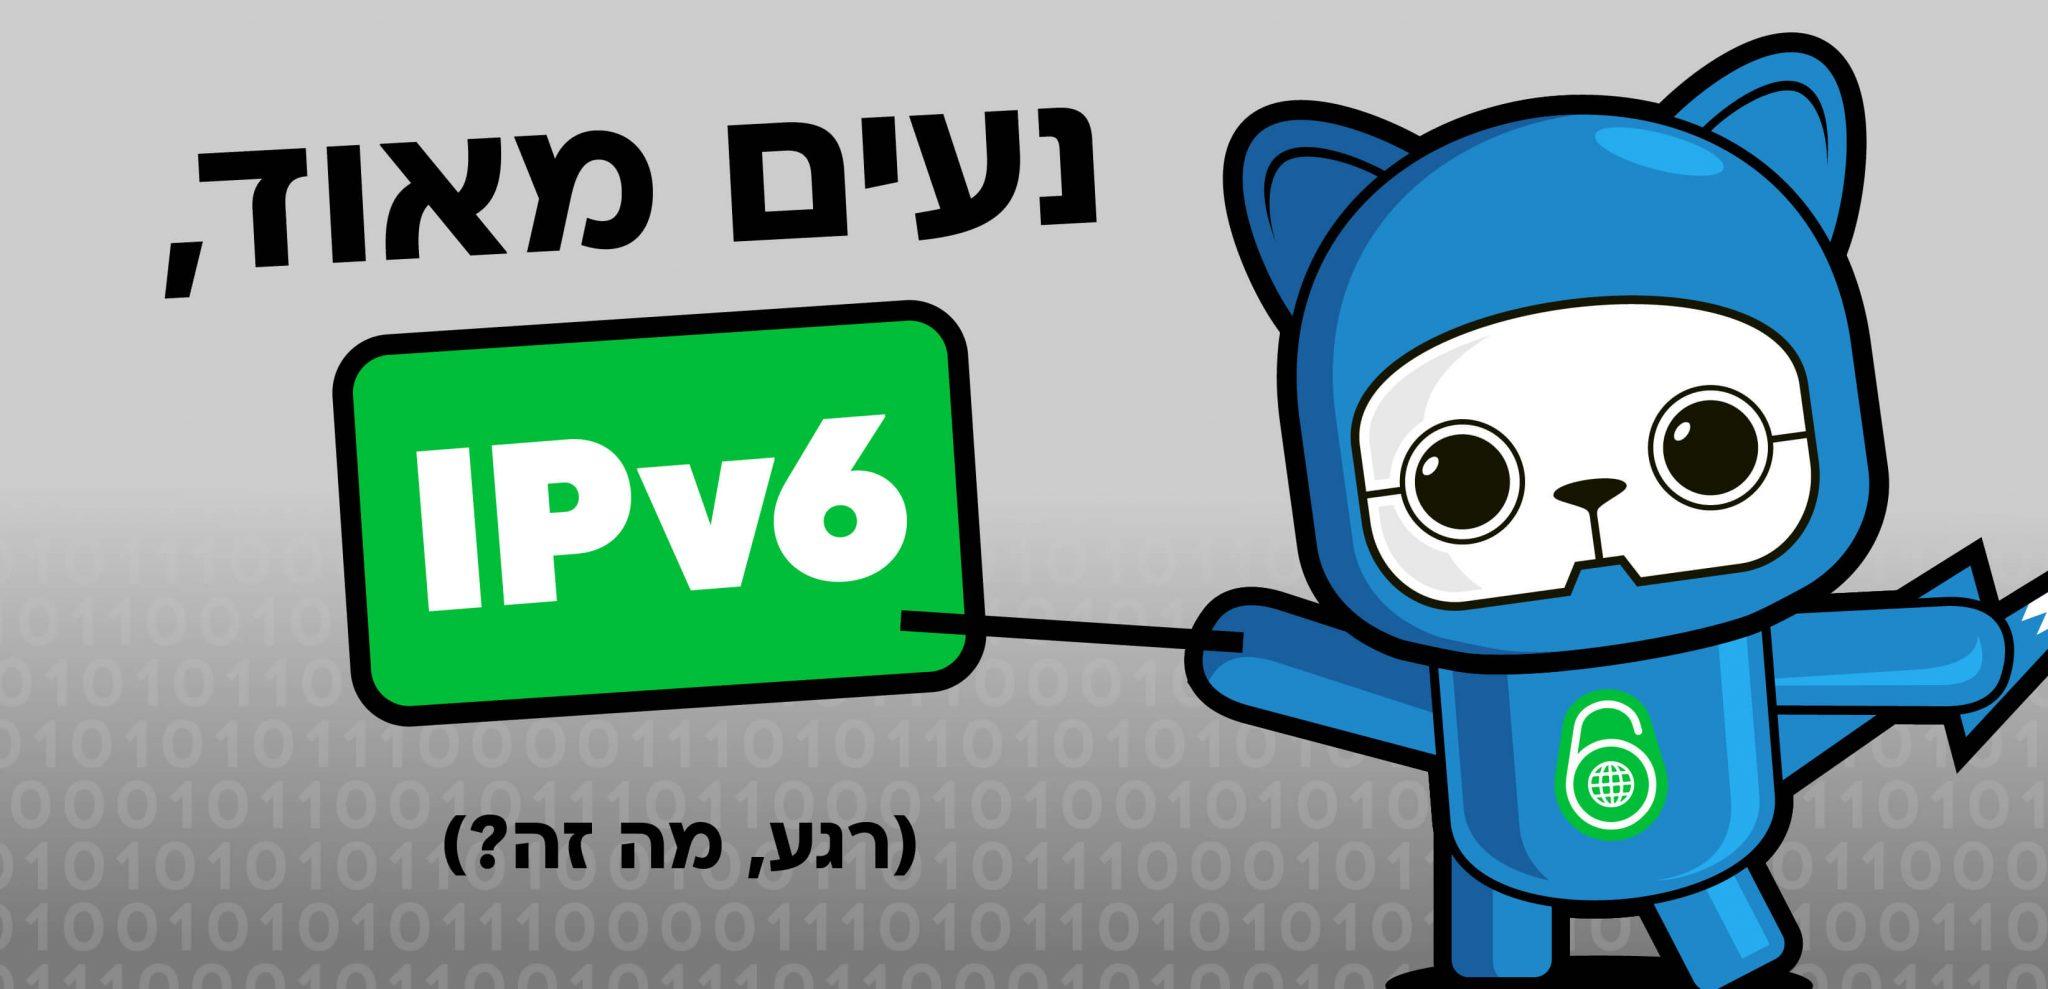 מה זה IPV6